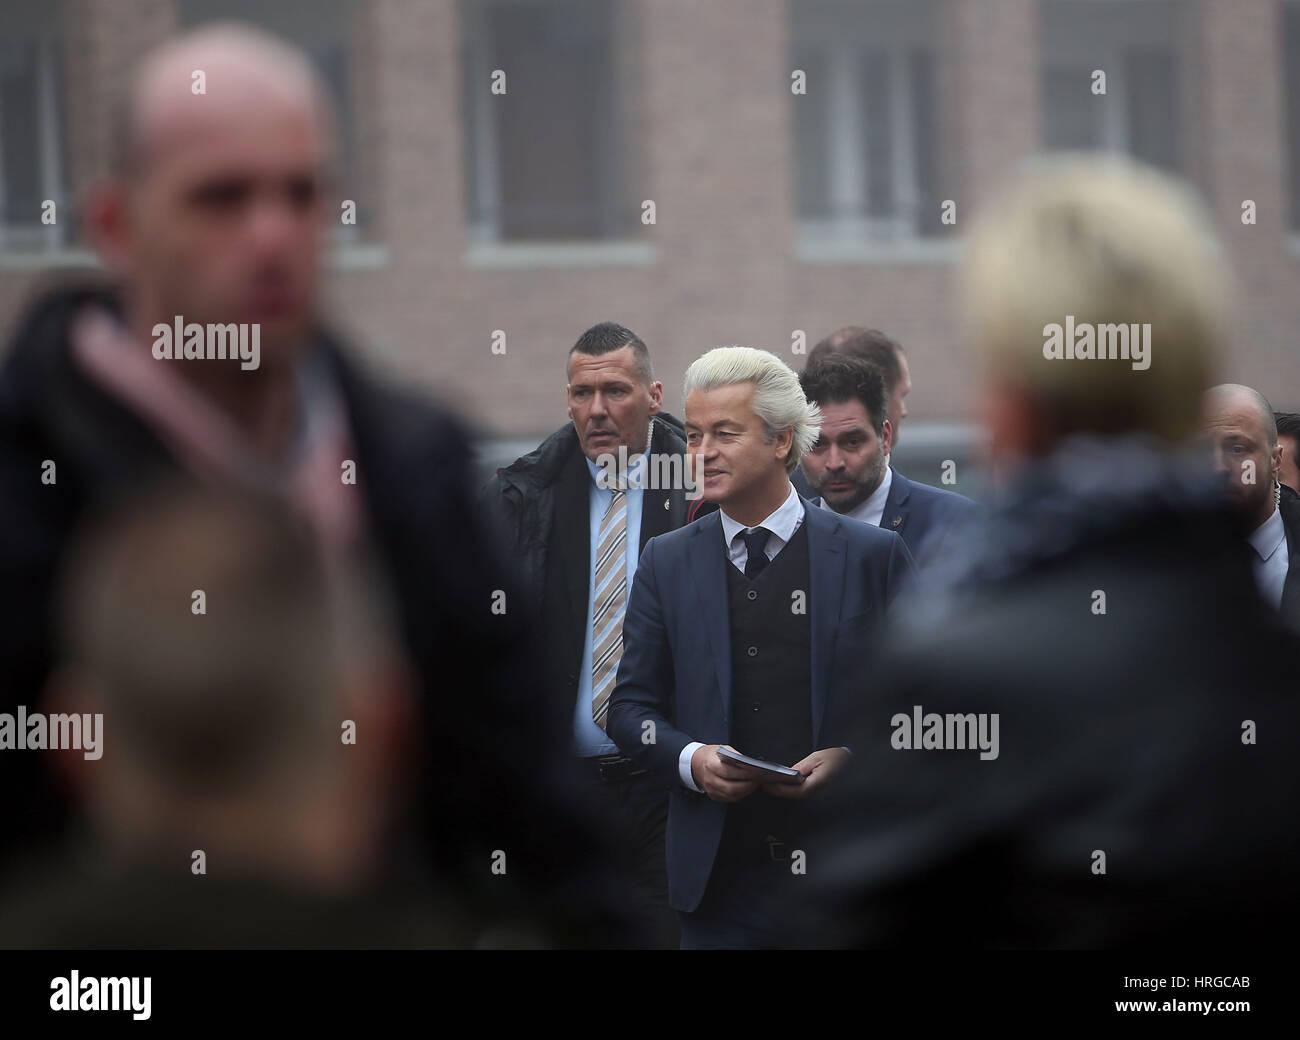 Süd-Holland, Niederlande. 18. Februar 2017. Der niederländische rechter Populist und Anführer der Stockbild